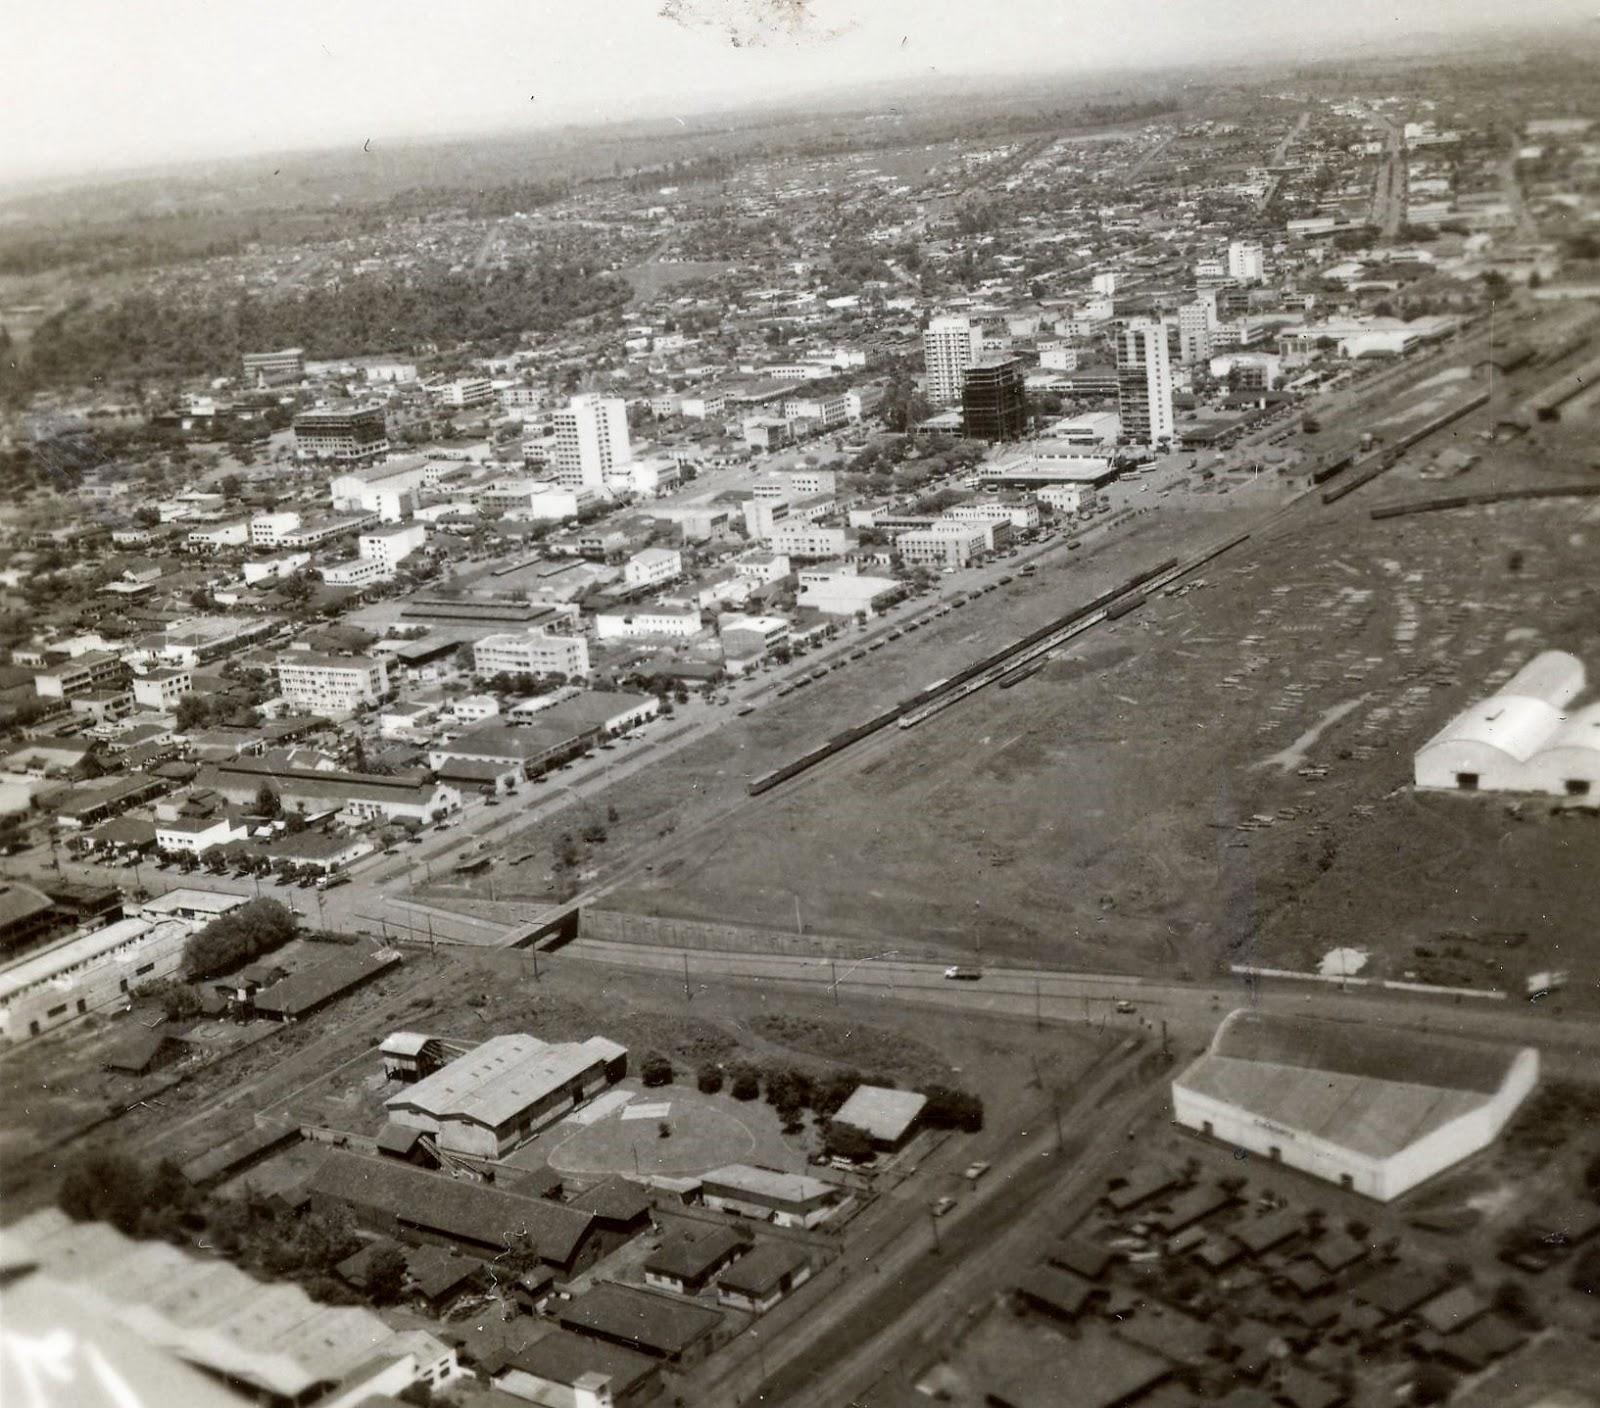 Avenida São Paulo x Avenida Tamandaré - Década de 1960